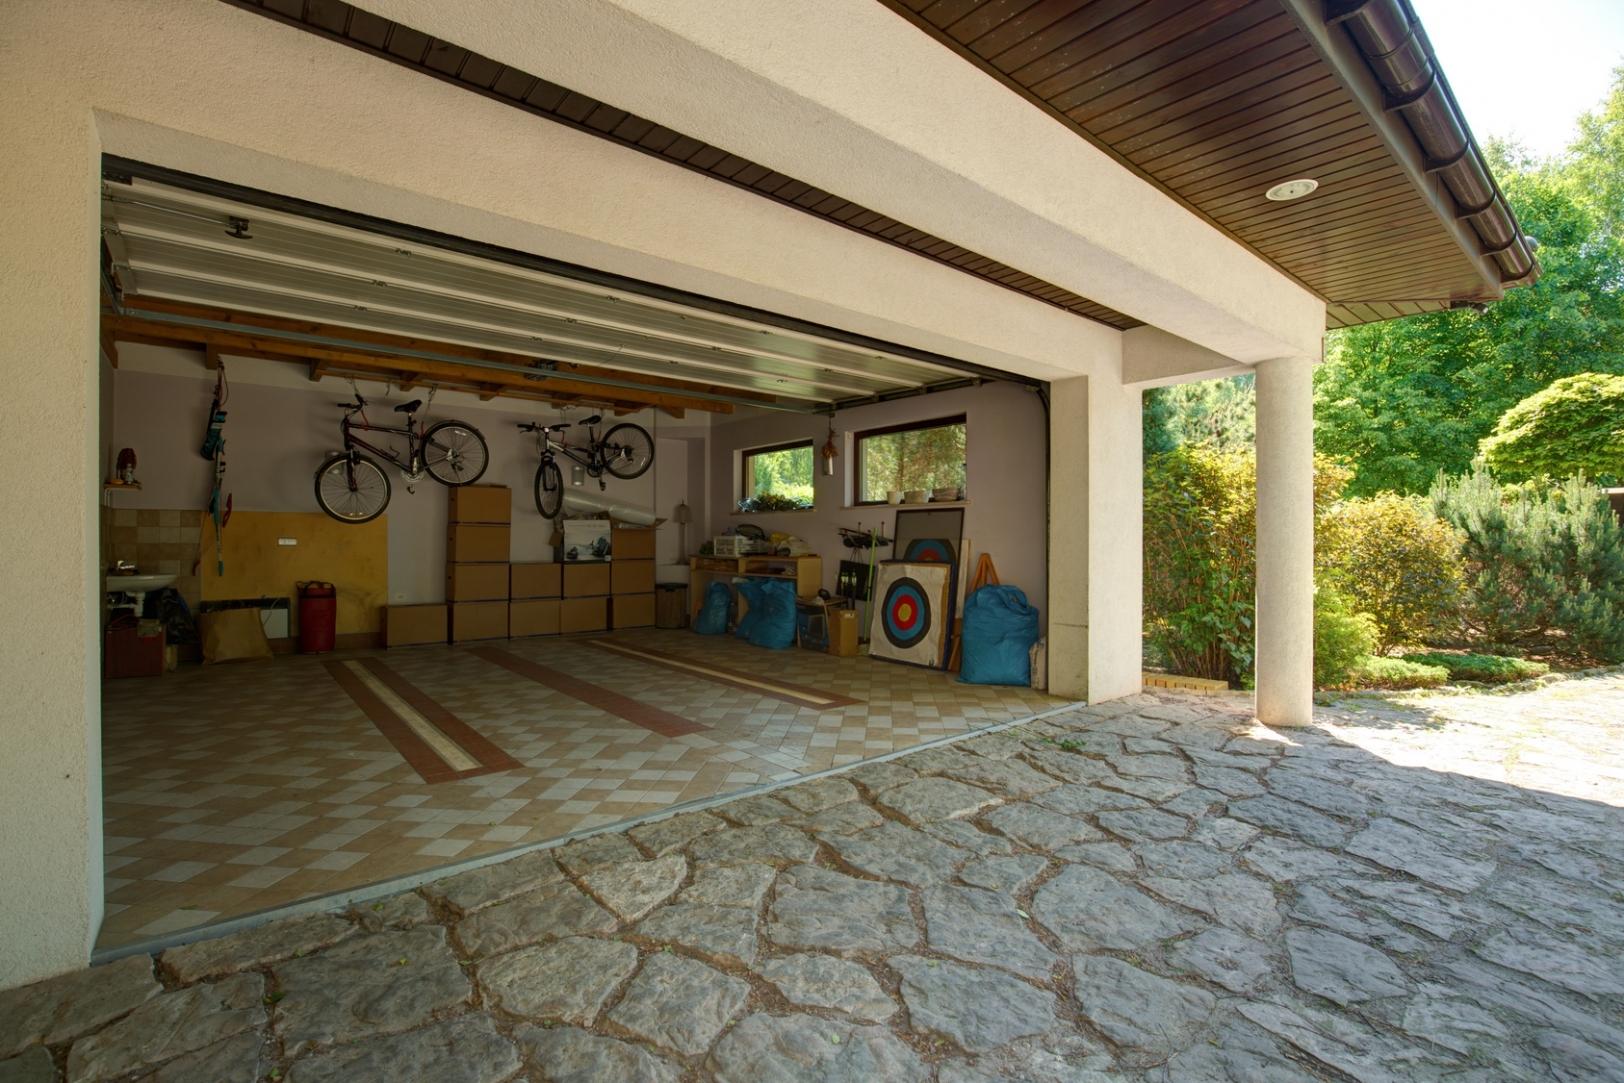 Prix moyen d un garage maison fran ois fabie for Prix moyen construction maison